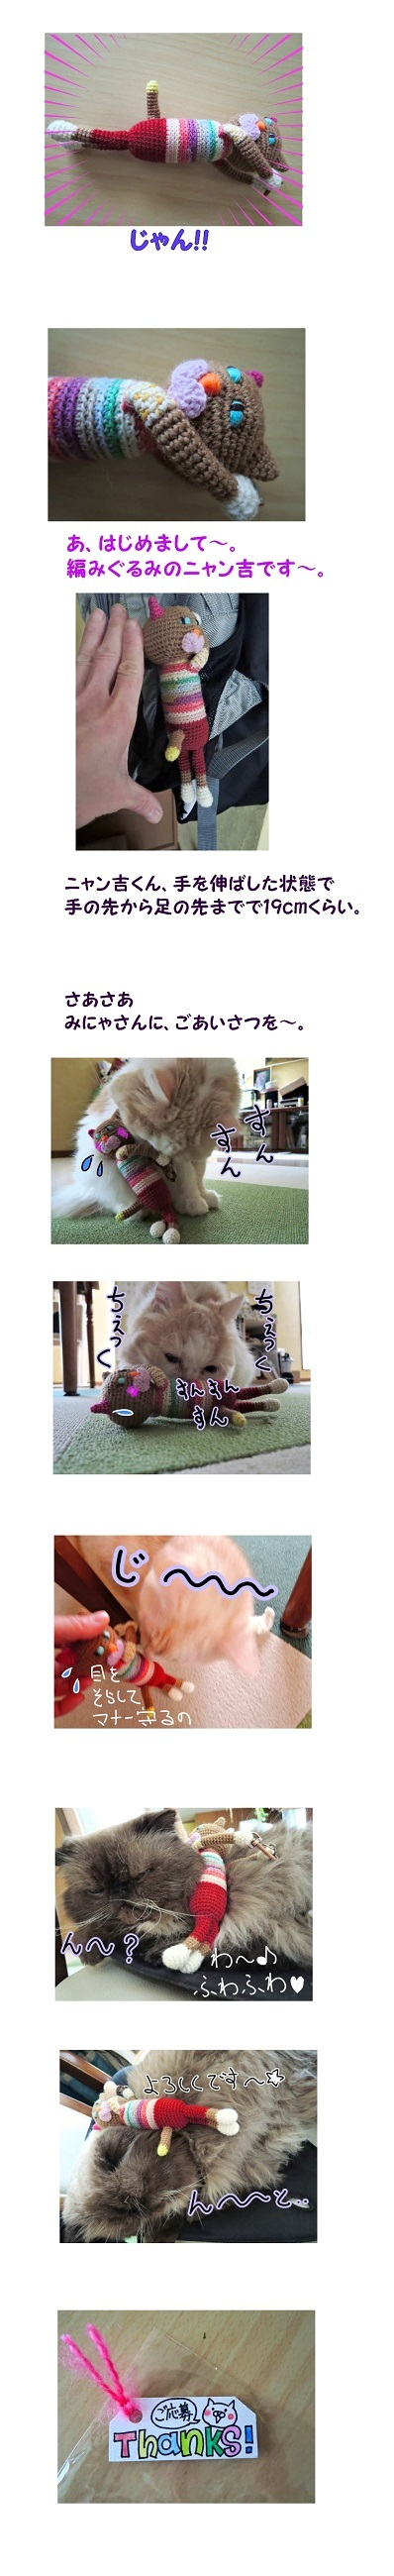 編みぐるみ2-1 52